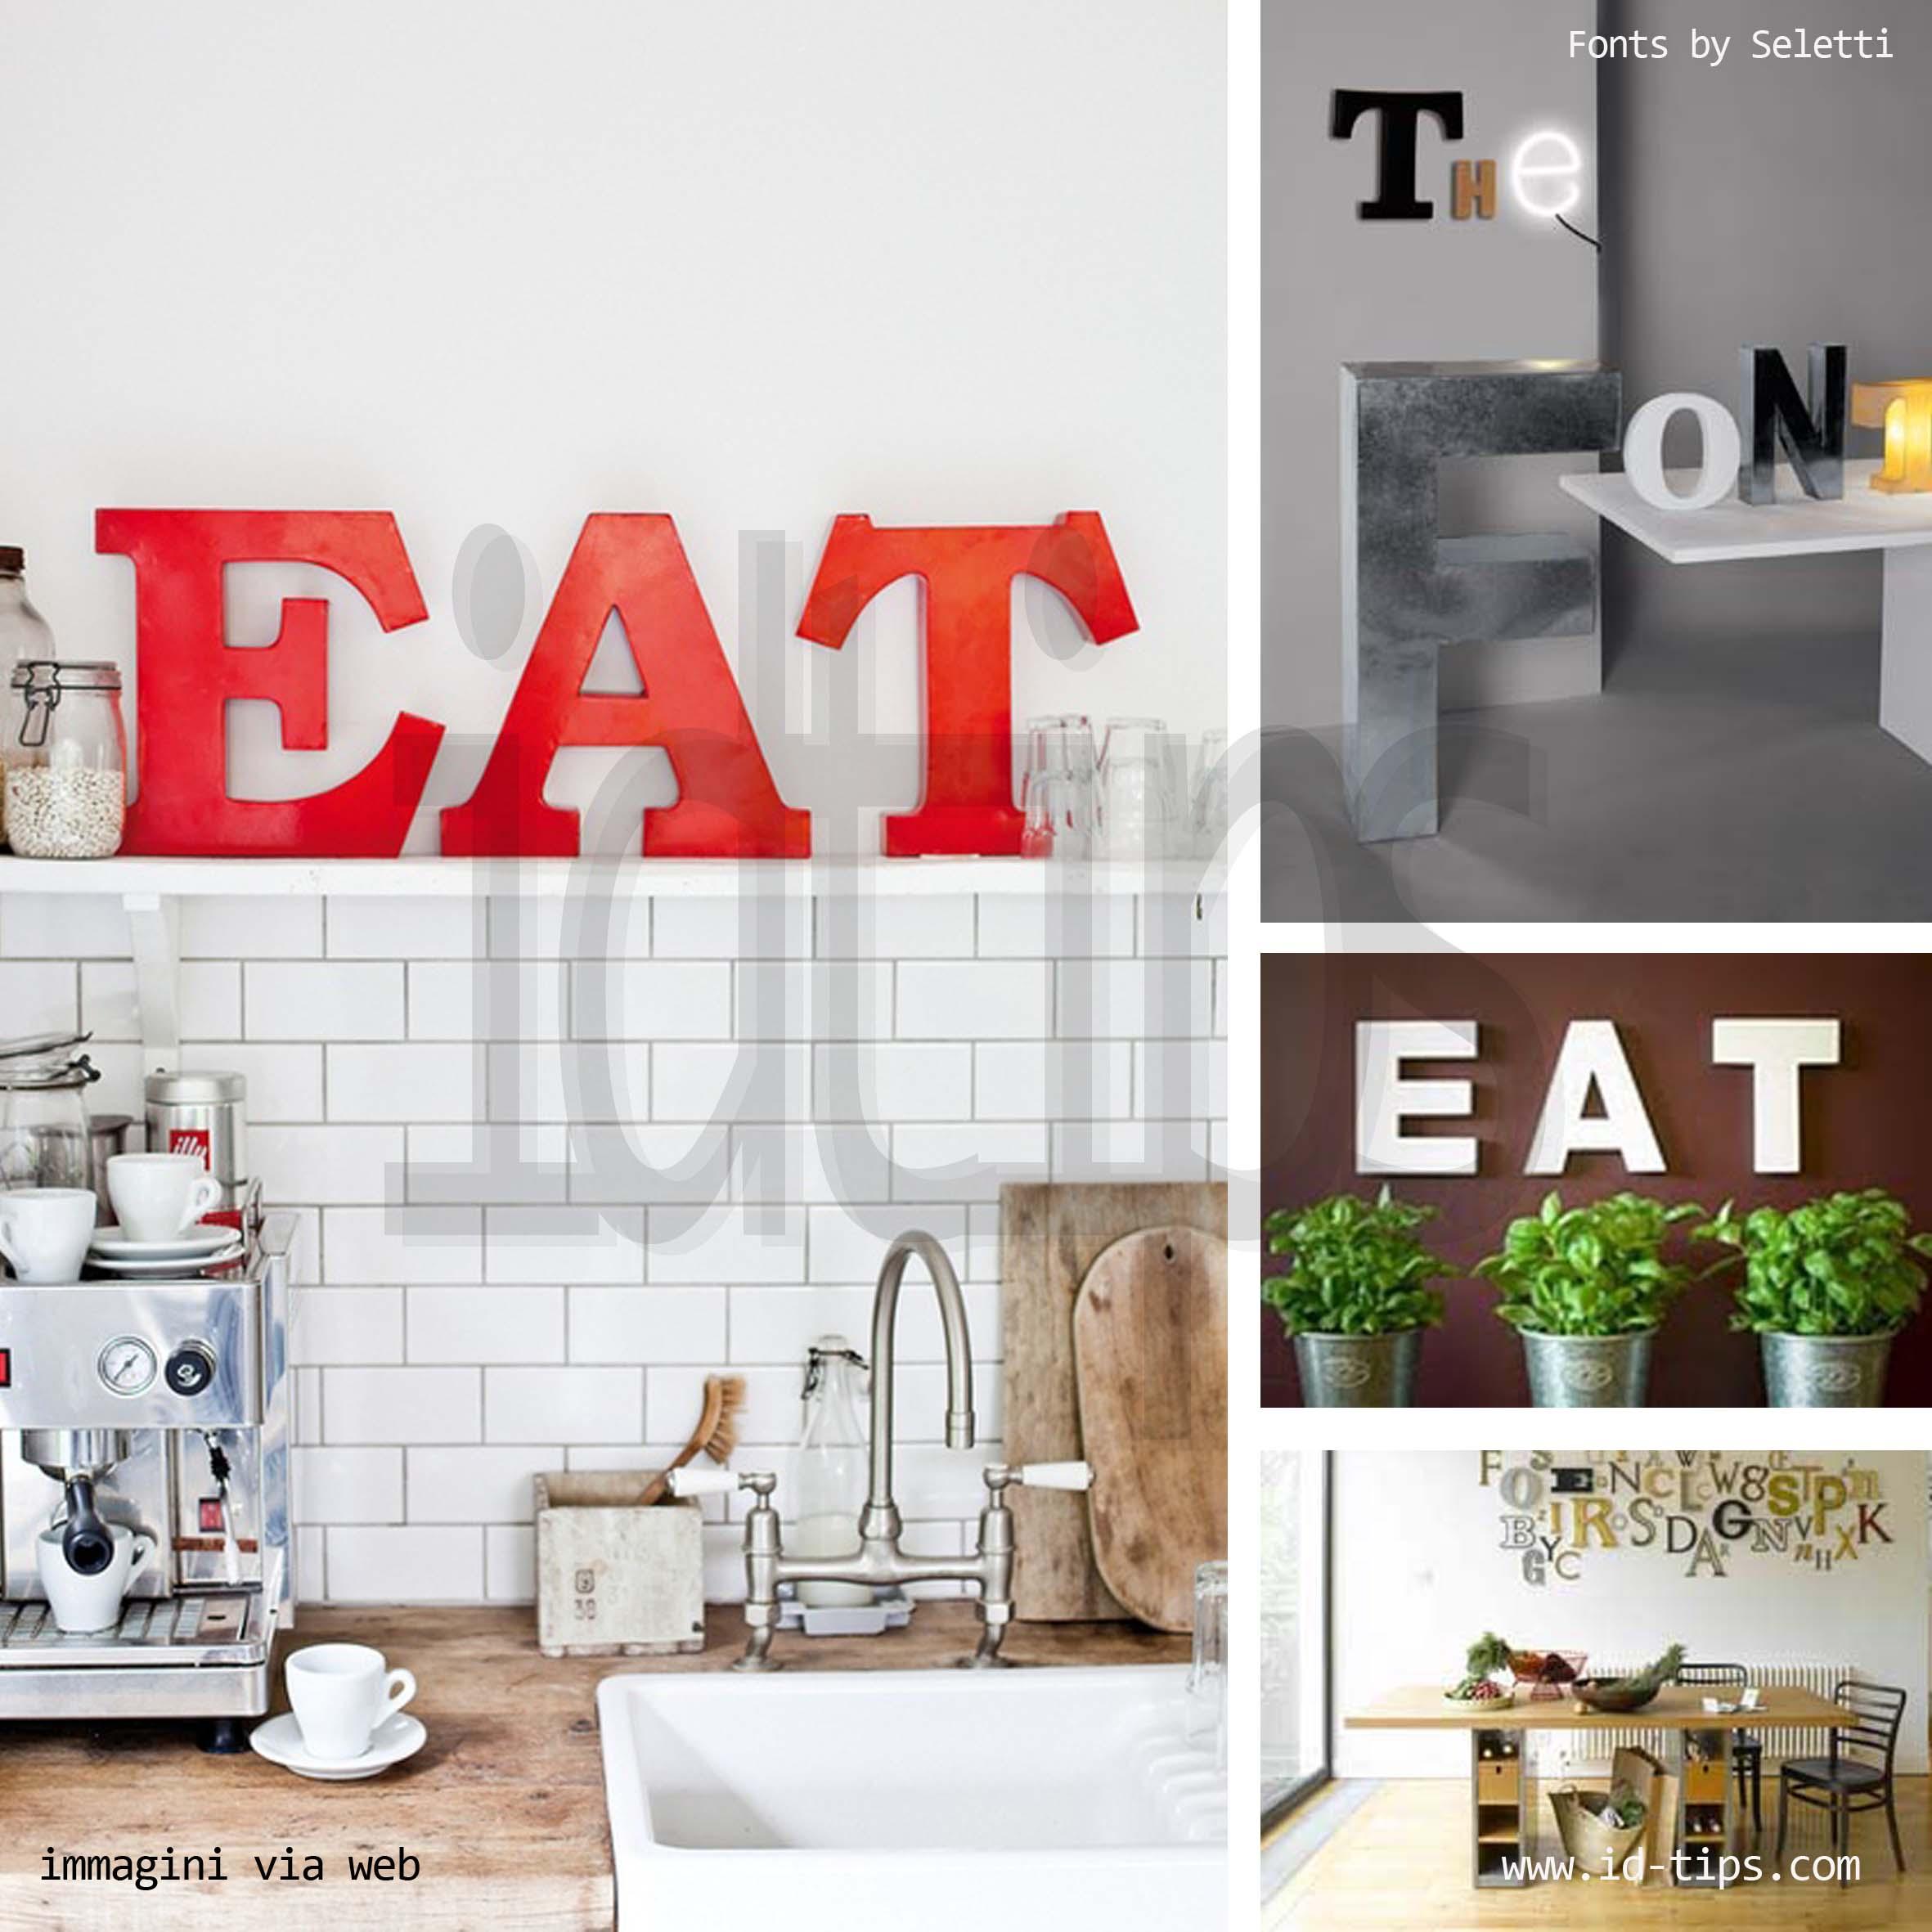 Lettere Da Appendere Al Muro a…b…c…lettering! | id-tips | interior design tips blog